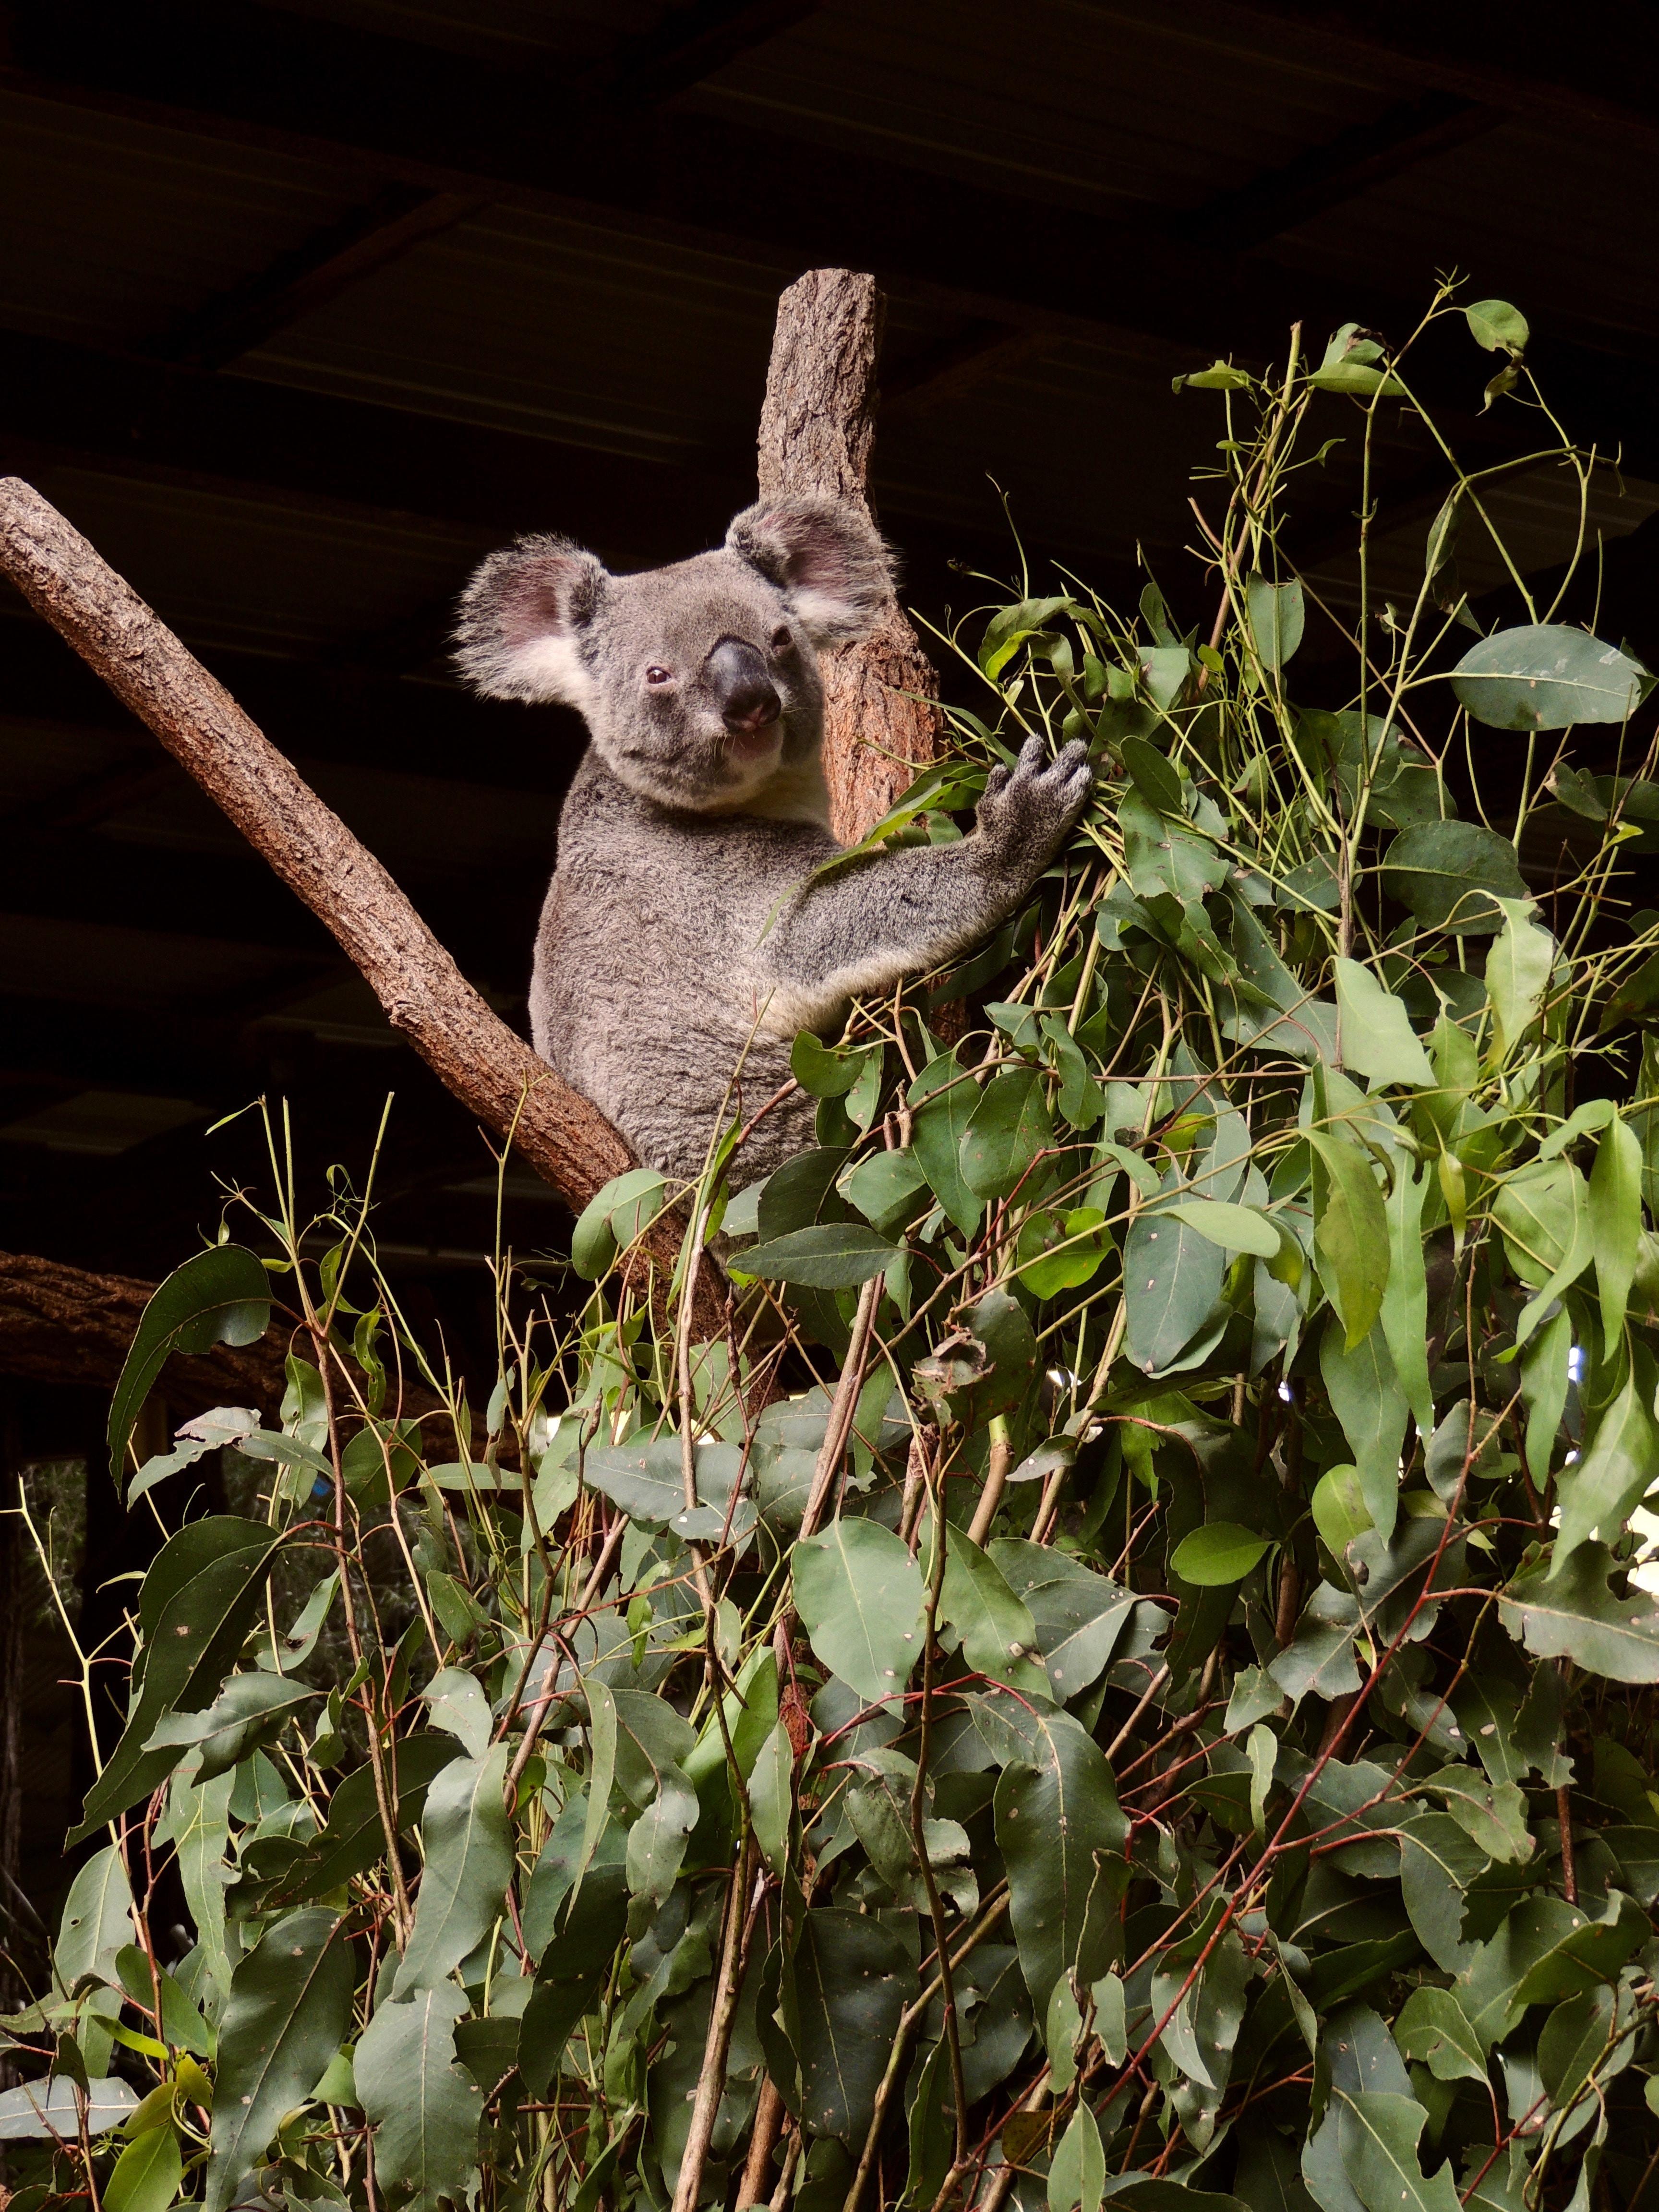 Koala resting on a tree